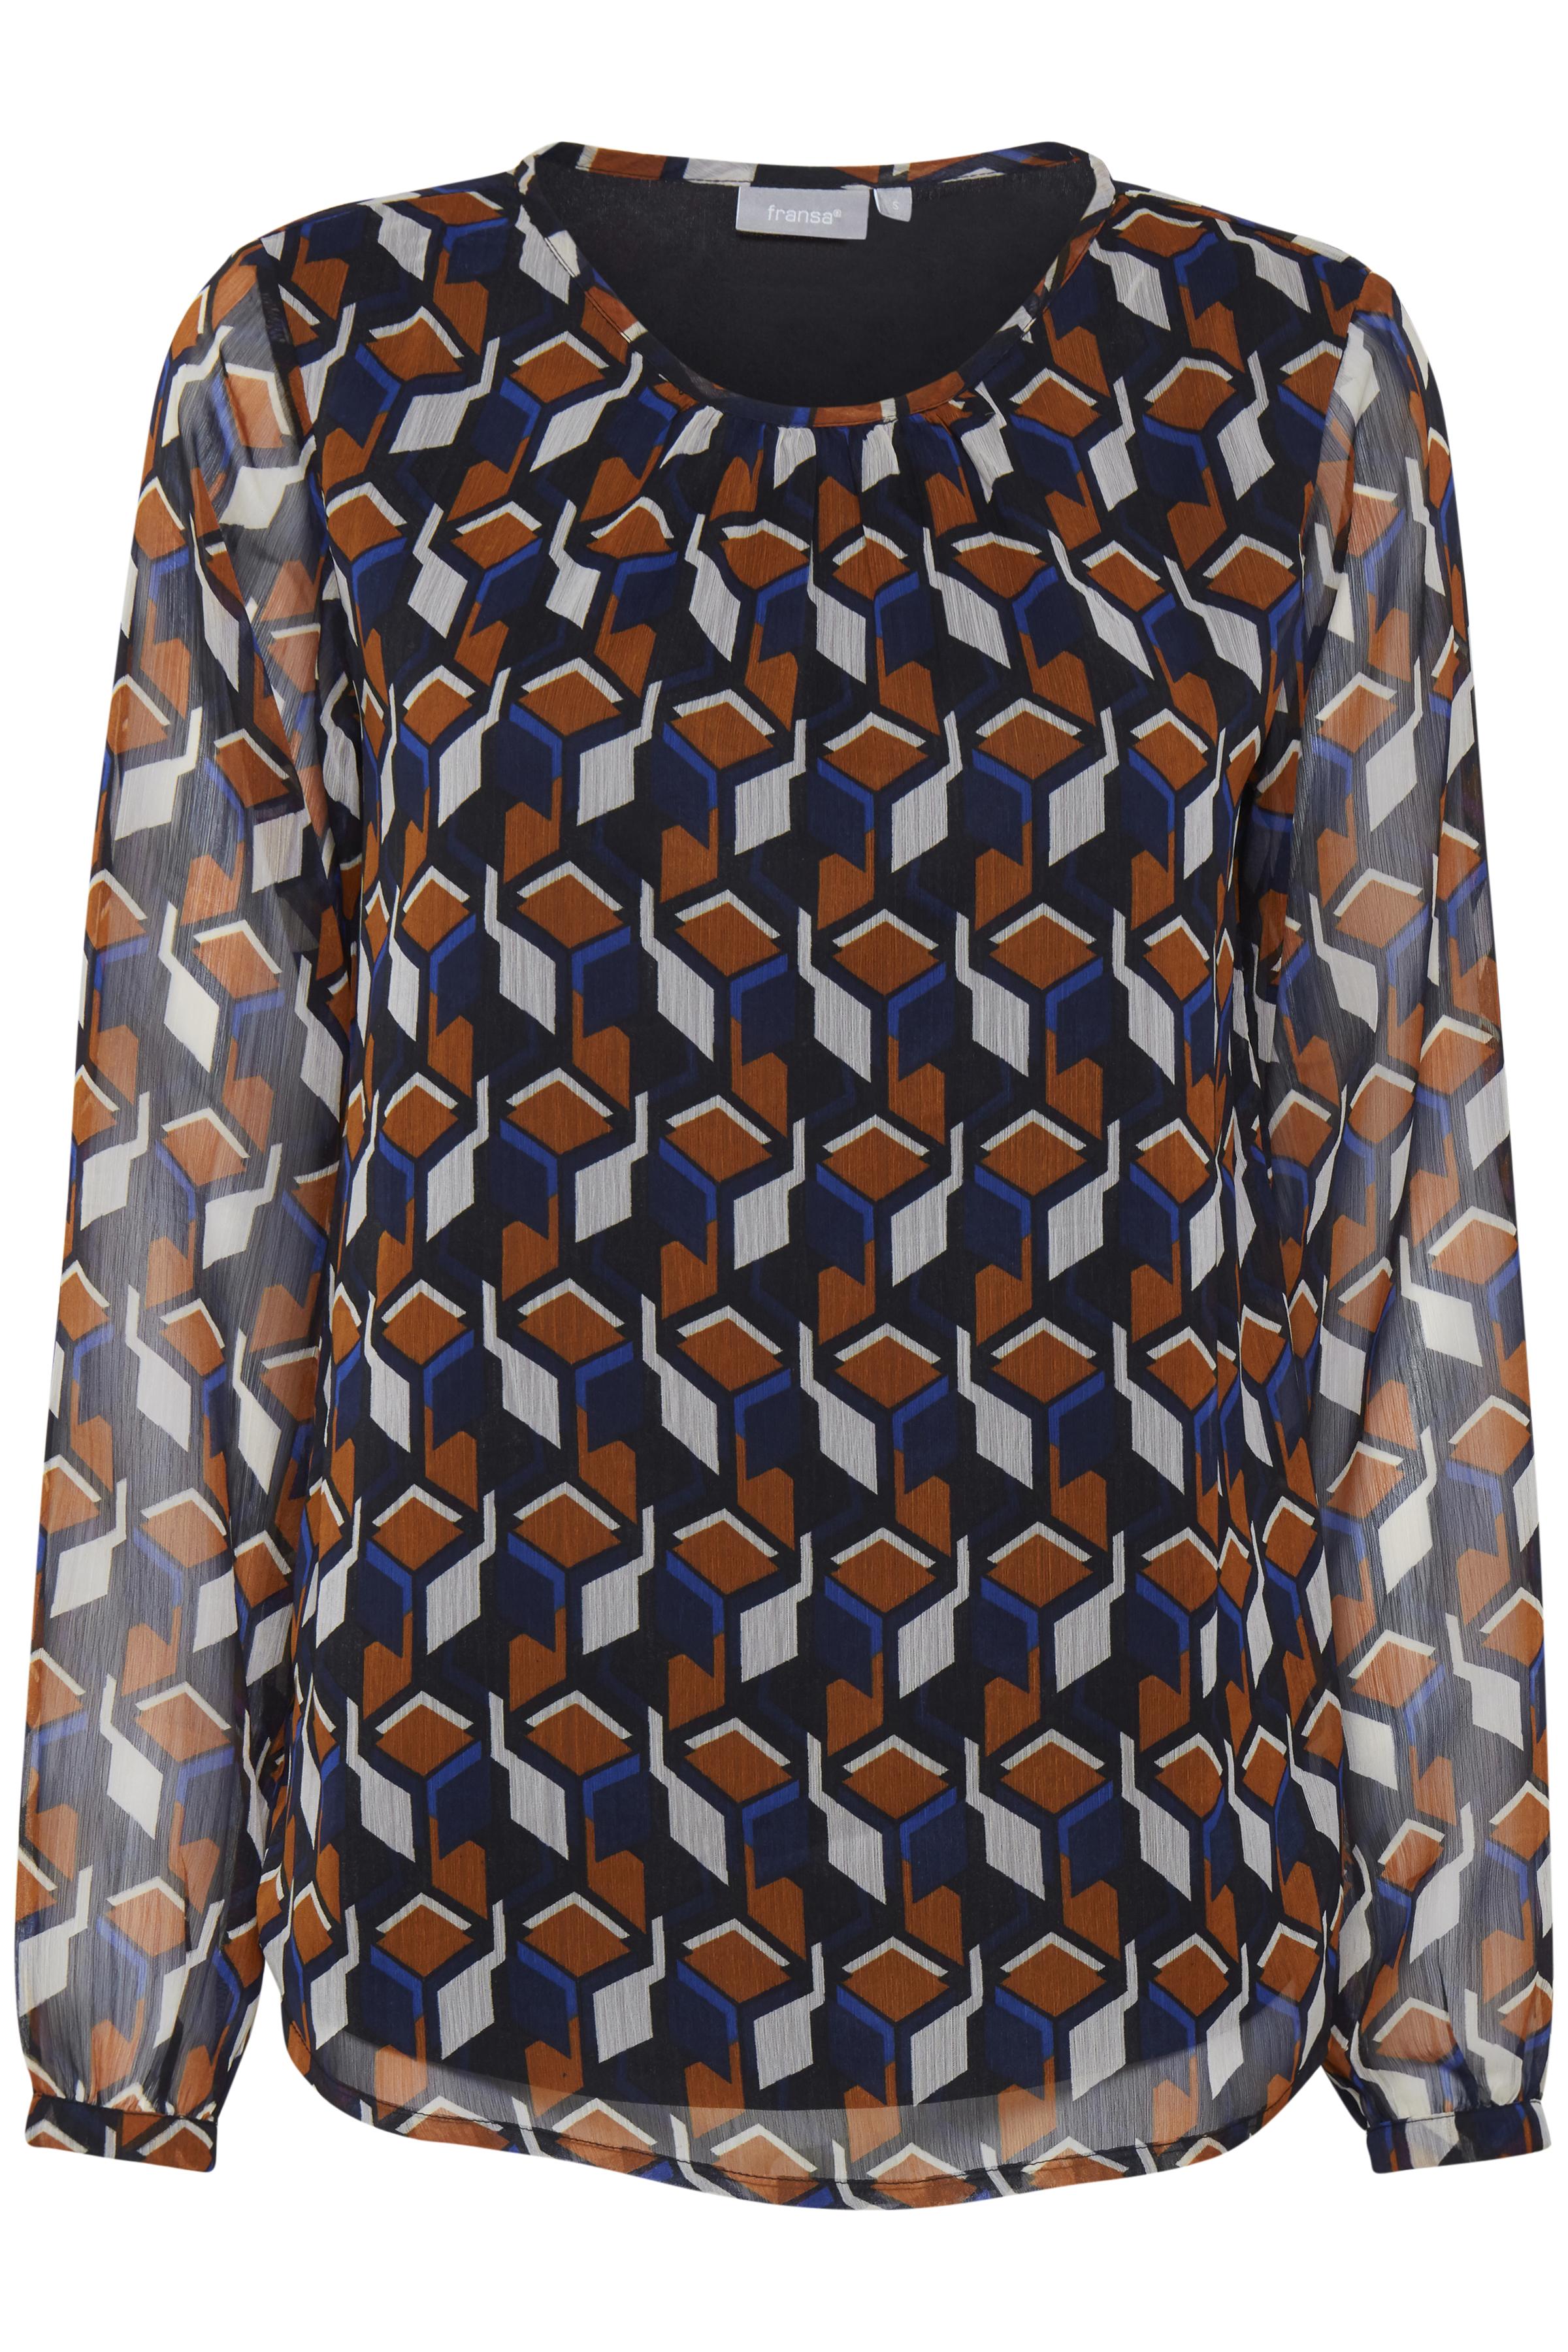 Brun/marineblå Langærmet bluse fra Fransa – Køb Brun/marineblå Langærmet bluse fra str. XS-XXL her